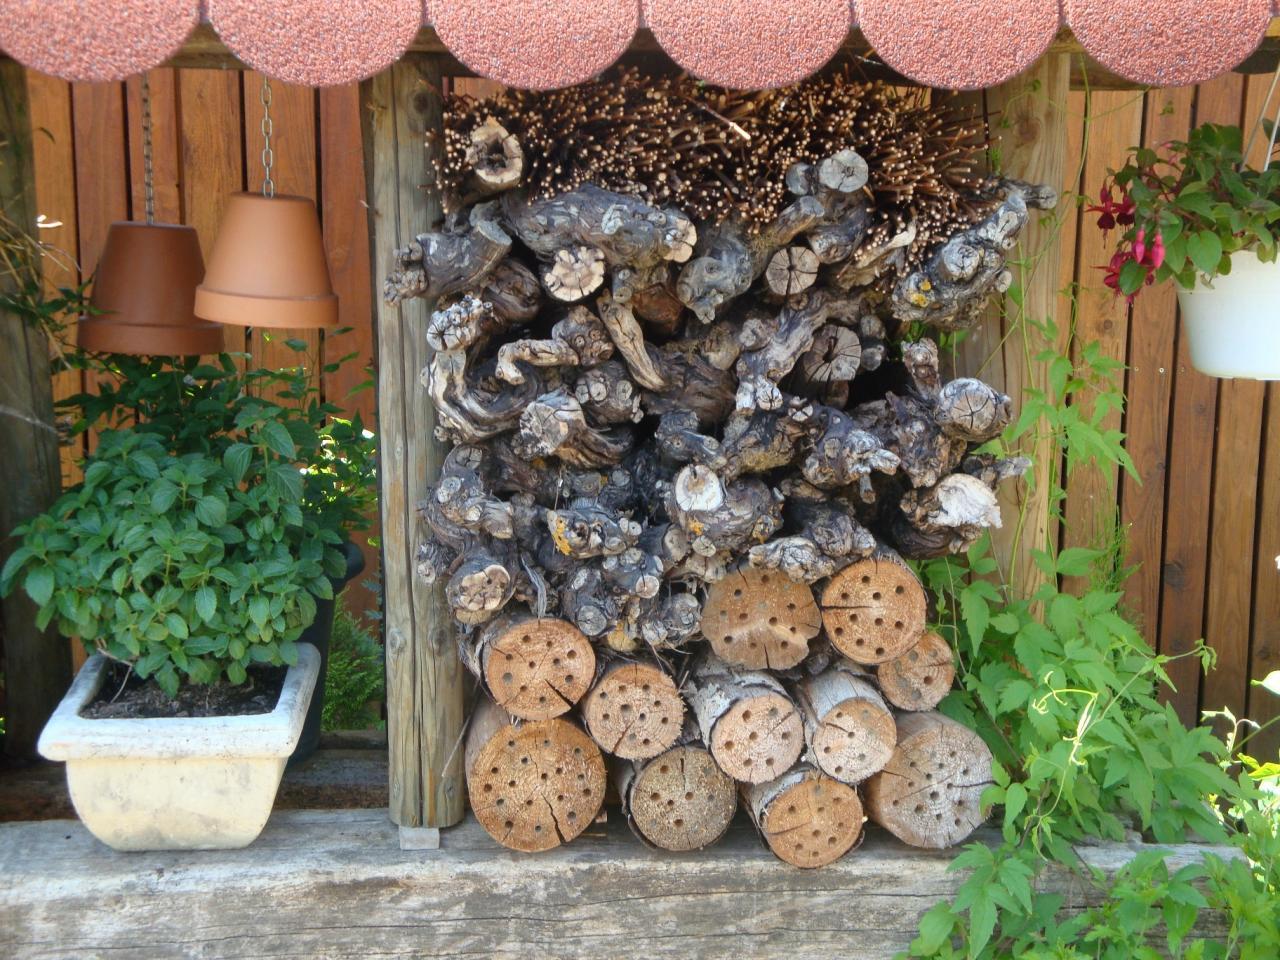 Dise os atractivos para jardines peque os lifestyle de for Decoracion de espacios pequenos con plantas